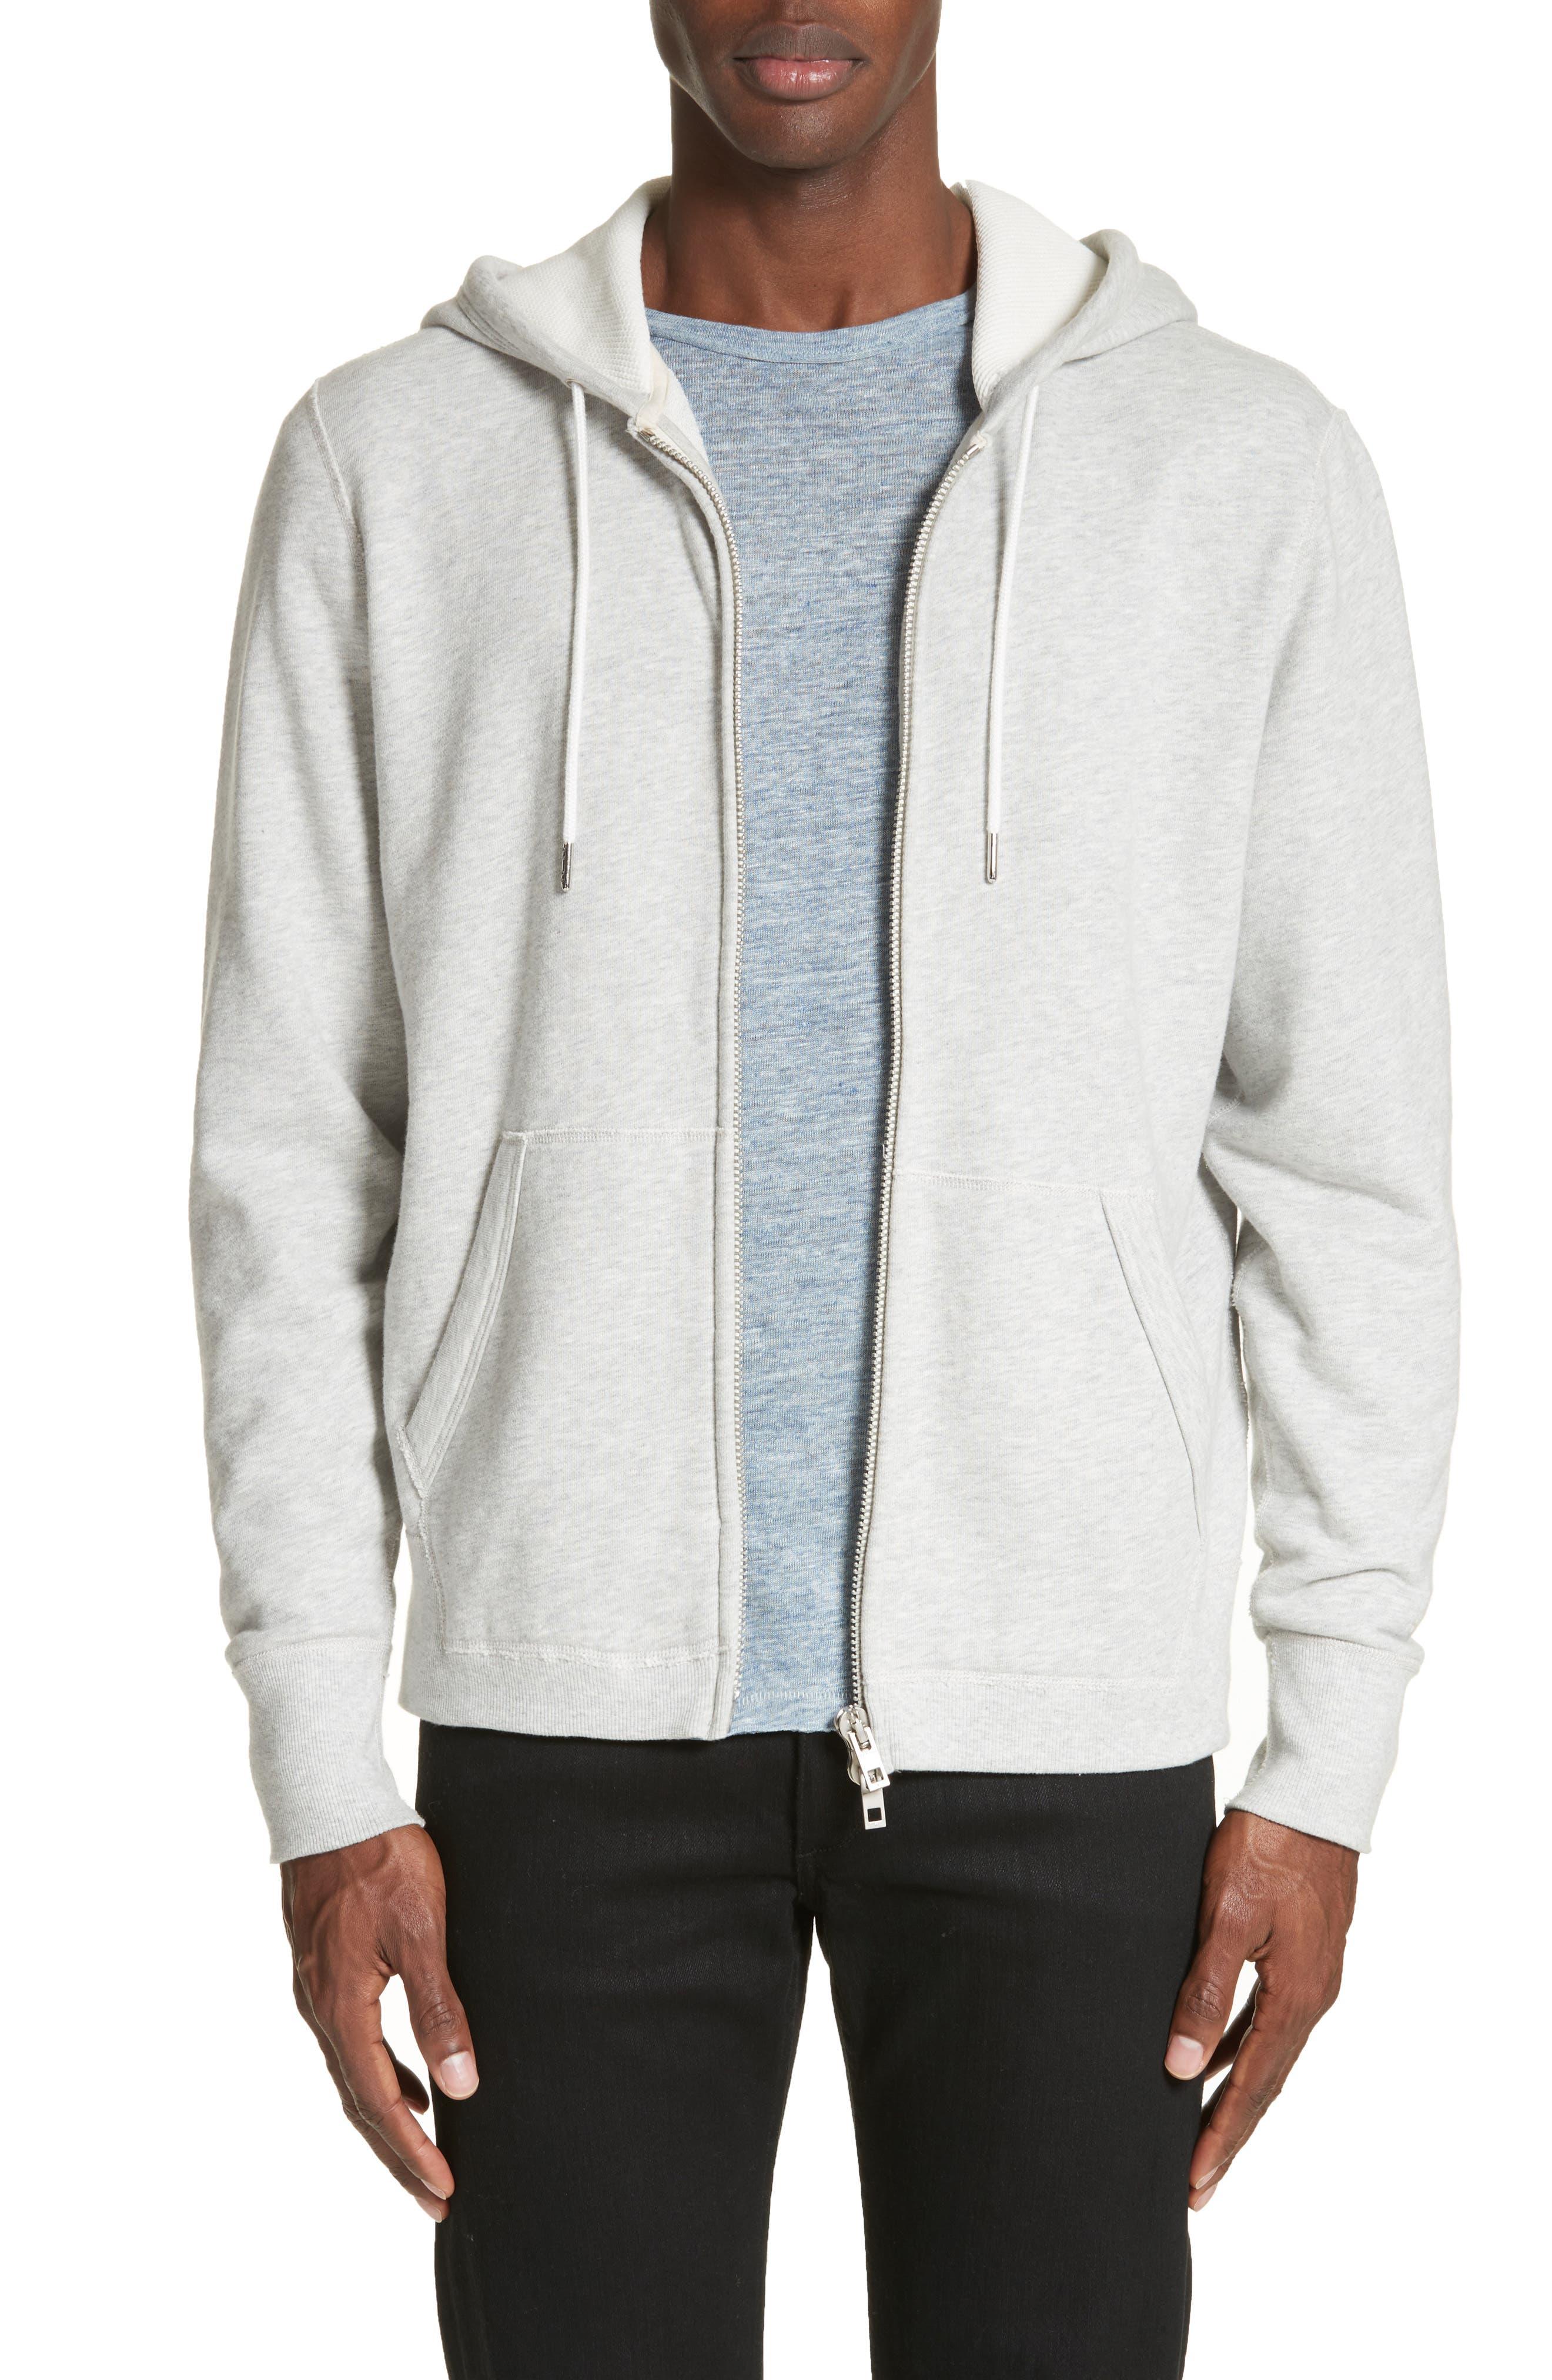 Main Image - rag & bone Standard Issue Zip Hoodie